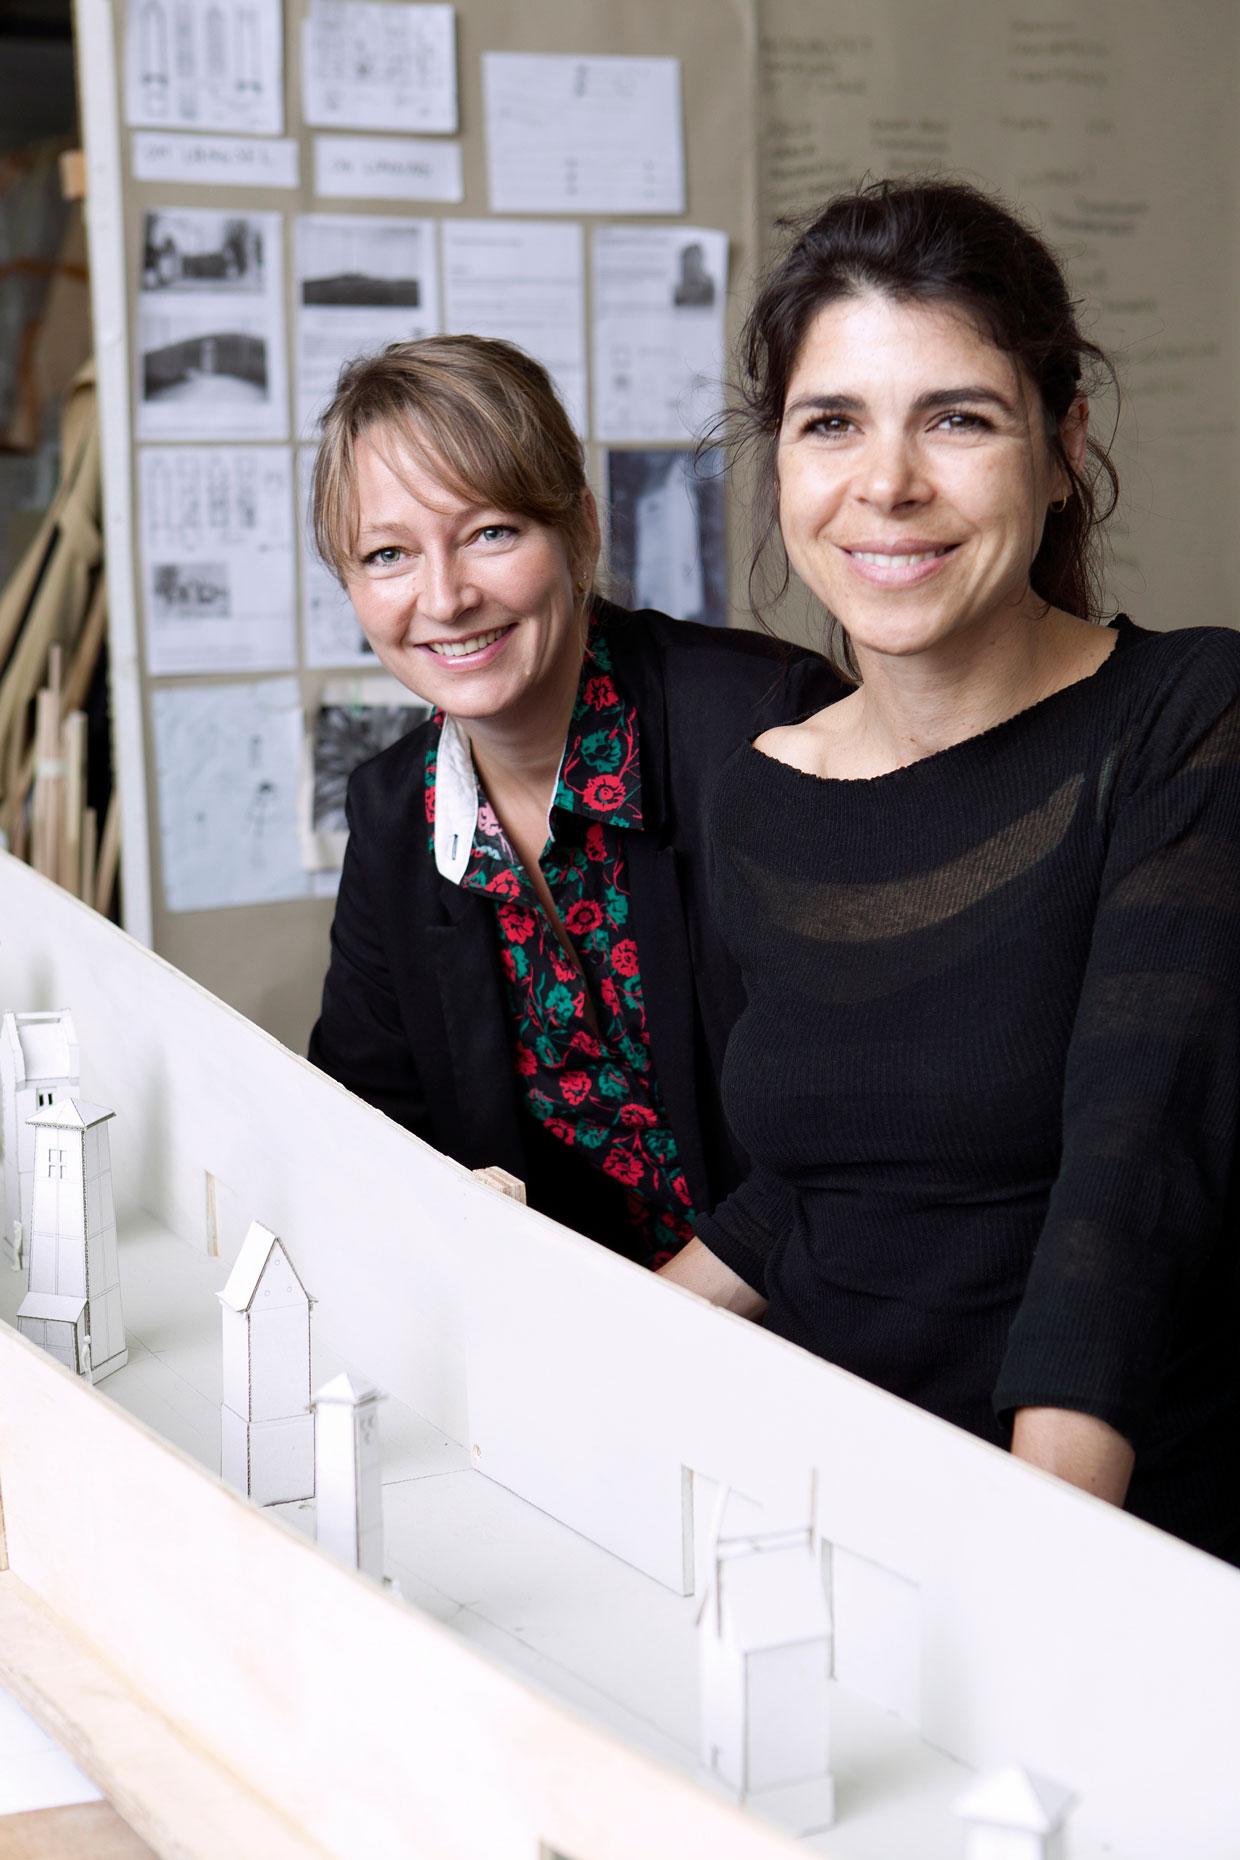 Randi & Katrine foran en model af deres udstillingsprojekt i ARKENs Kunstakse, 2014. Foto Sine Nielsen (2)